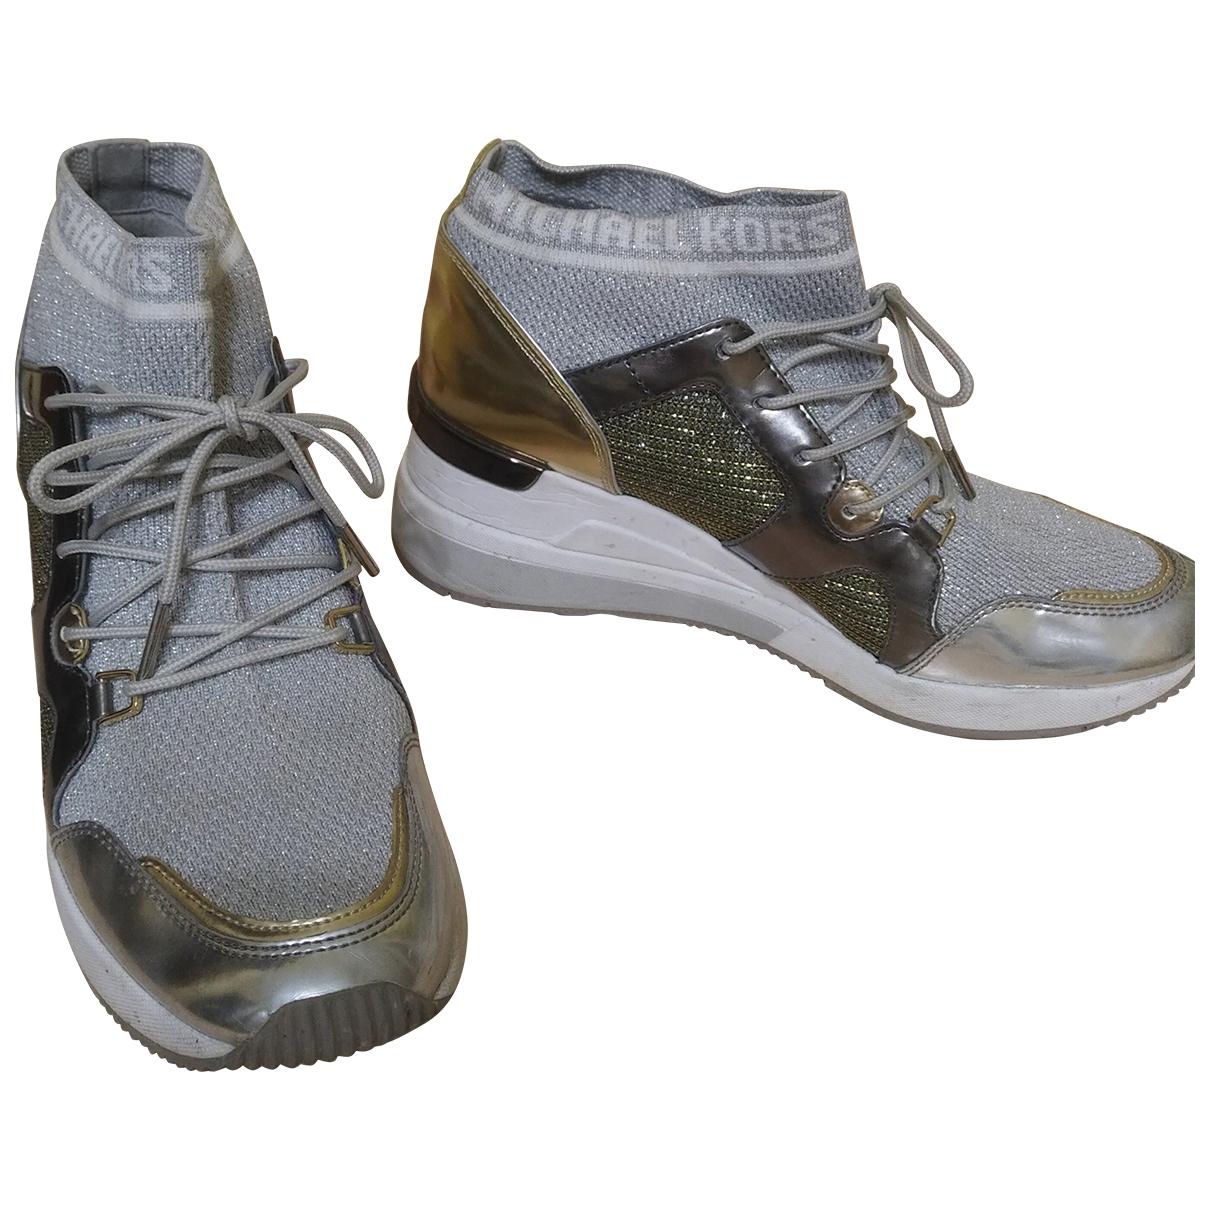 Michael Kors \N Sneakers in  Bunt Polyester